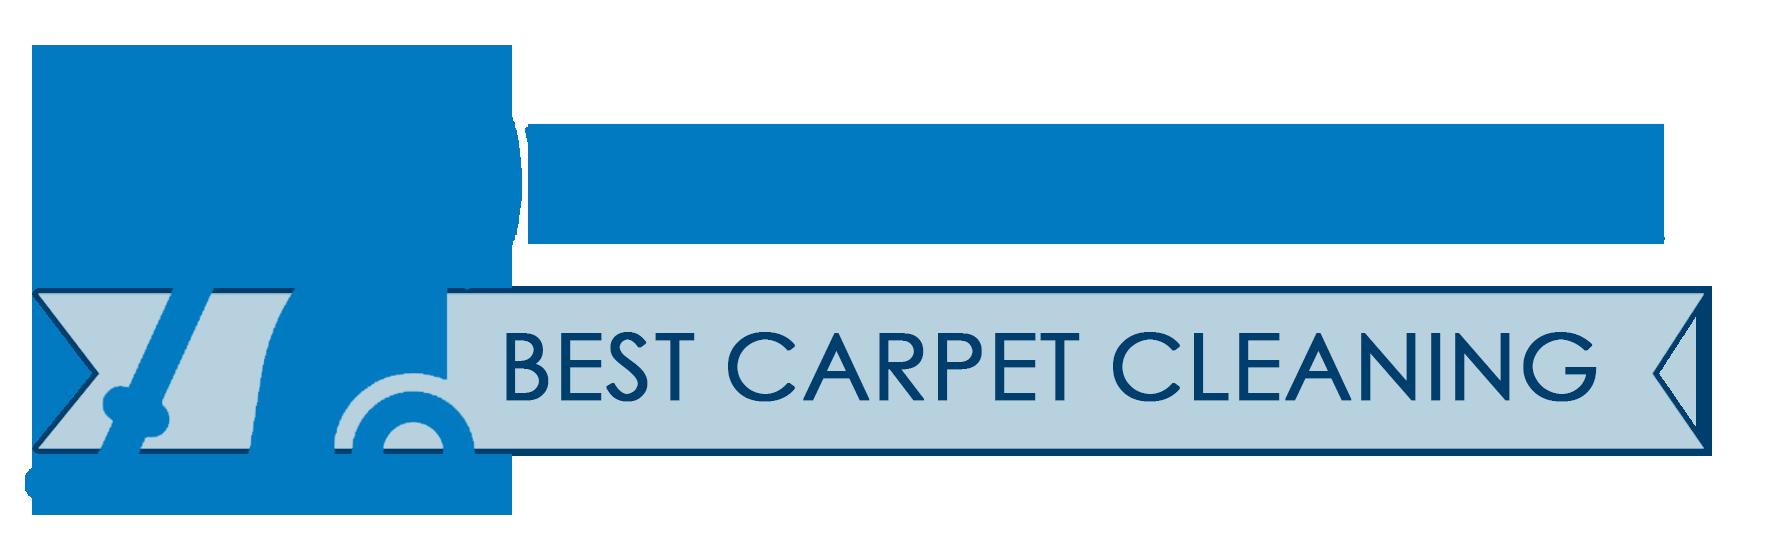 walnutcreek-best-carpet-cleaning-logo